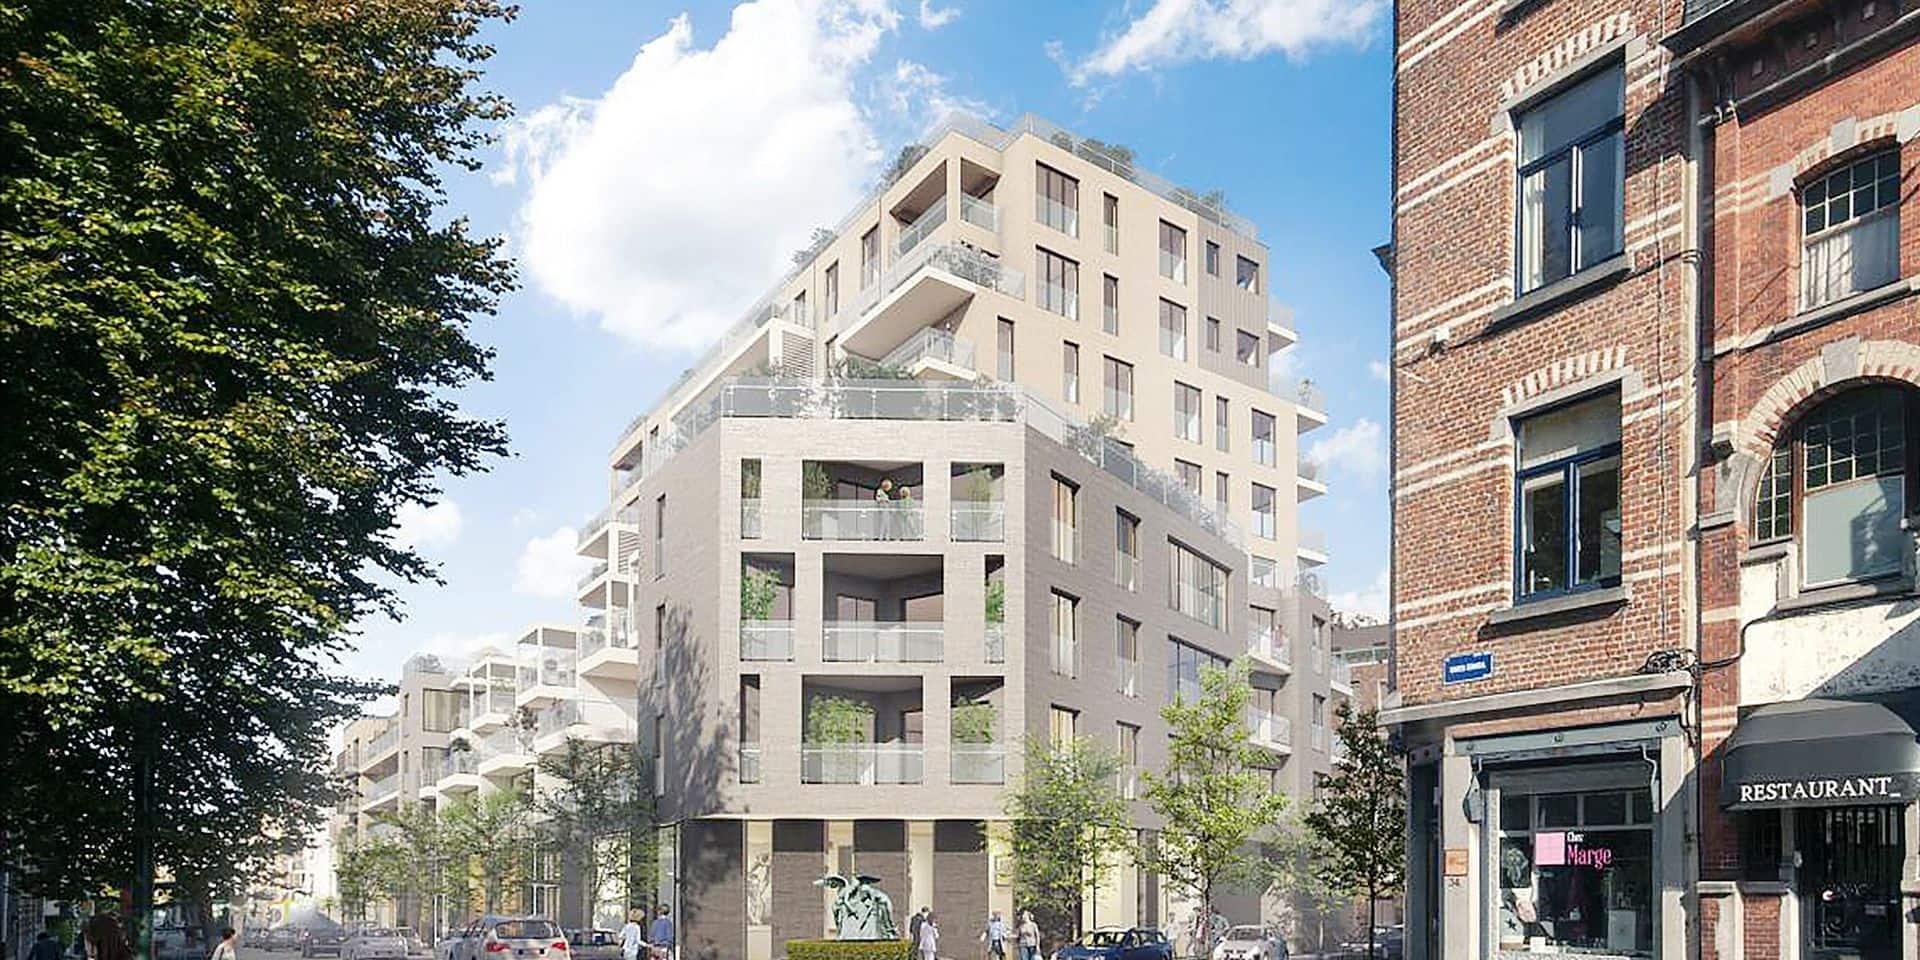 """Cavell, douceur uccloise et effervescence citadine : """"Il faut en moyenne compter entre 380 000 et 450 000 euros pour un appartement de deux chambres"""""""